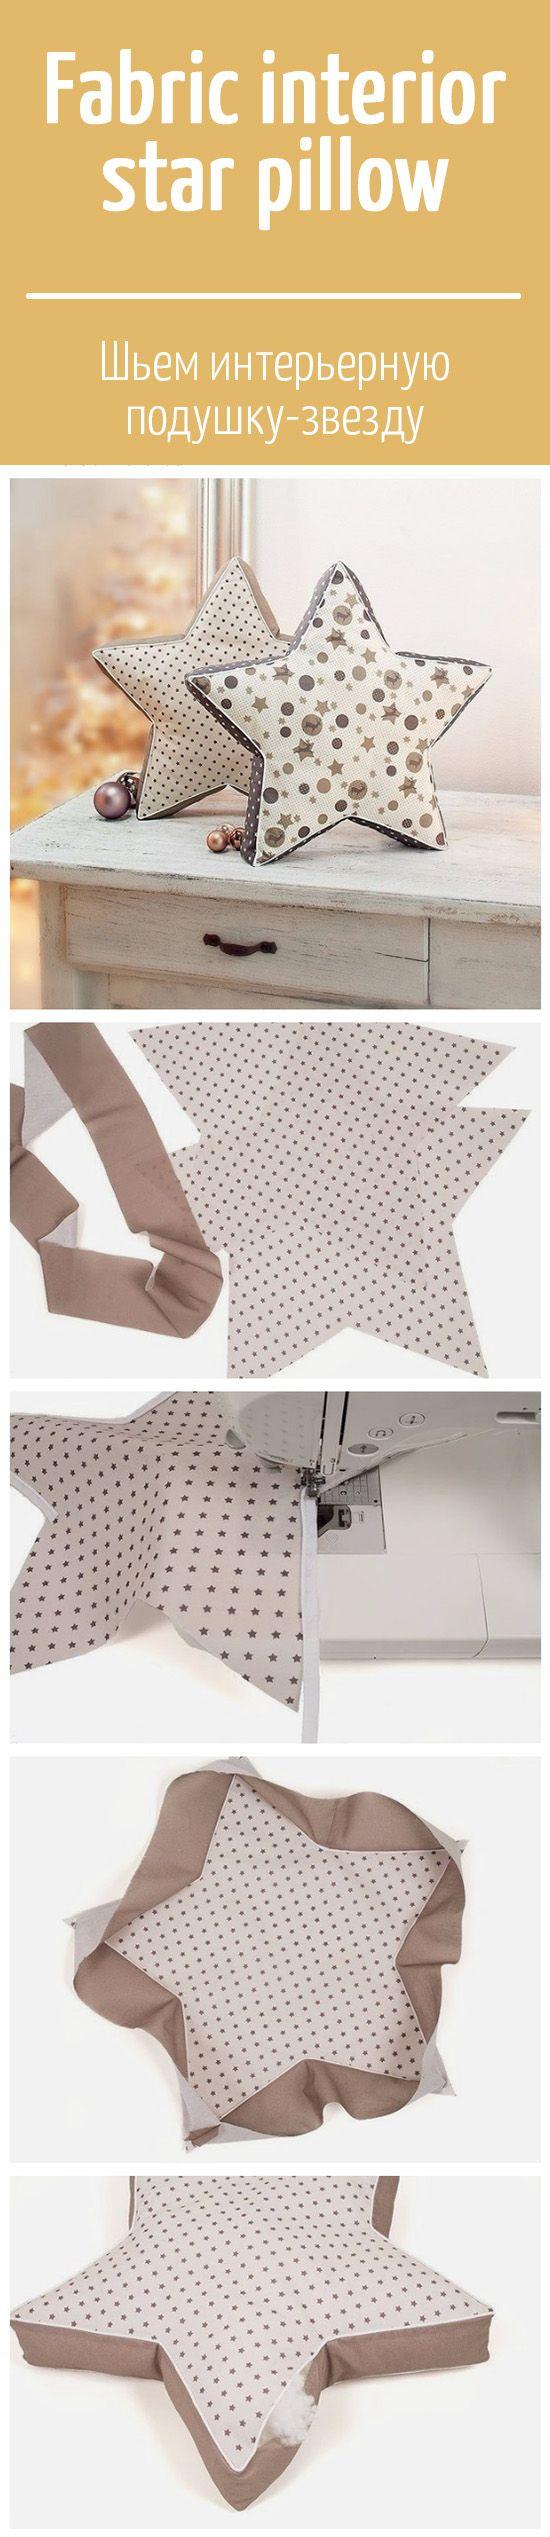 схема пэчворк оригинальная подушка